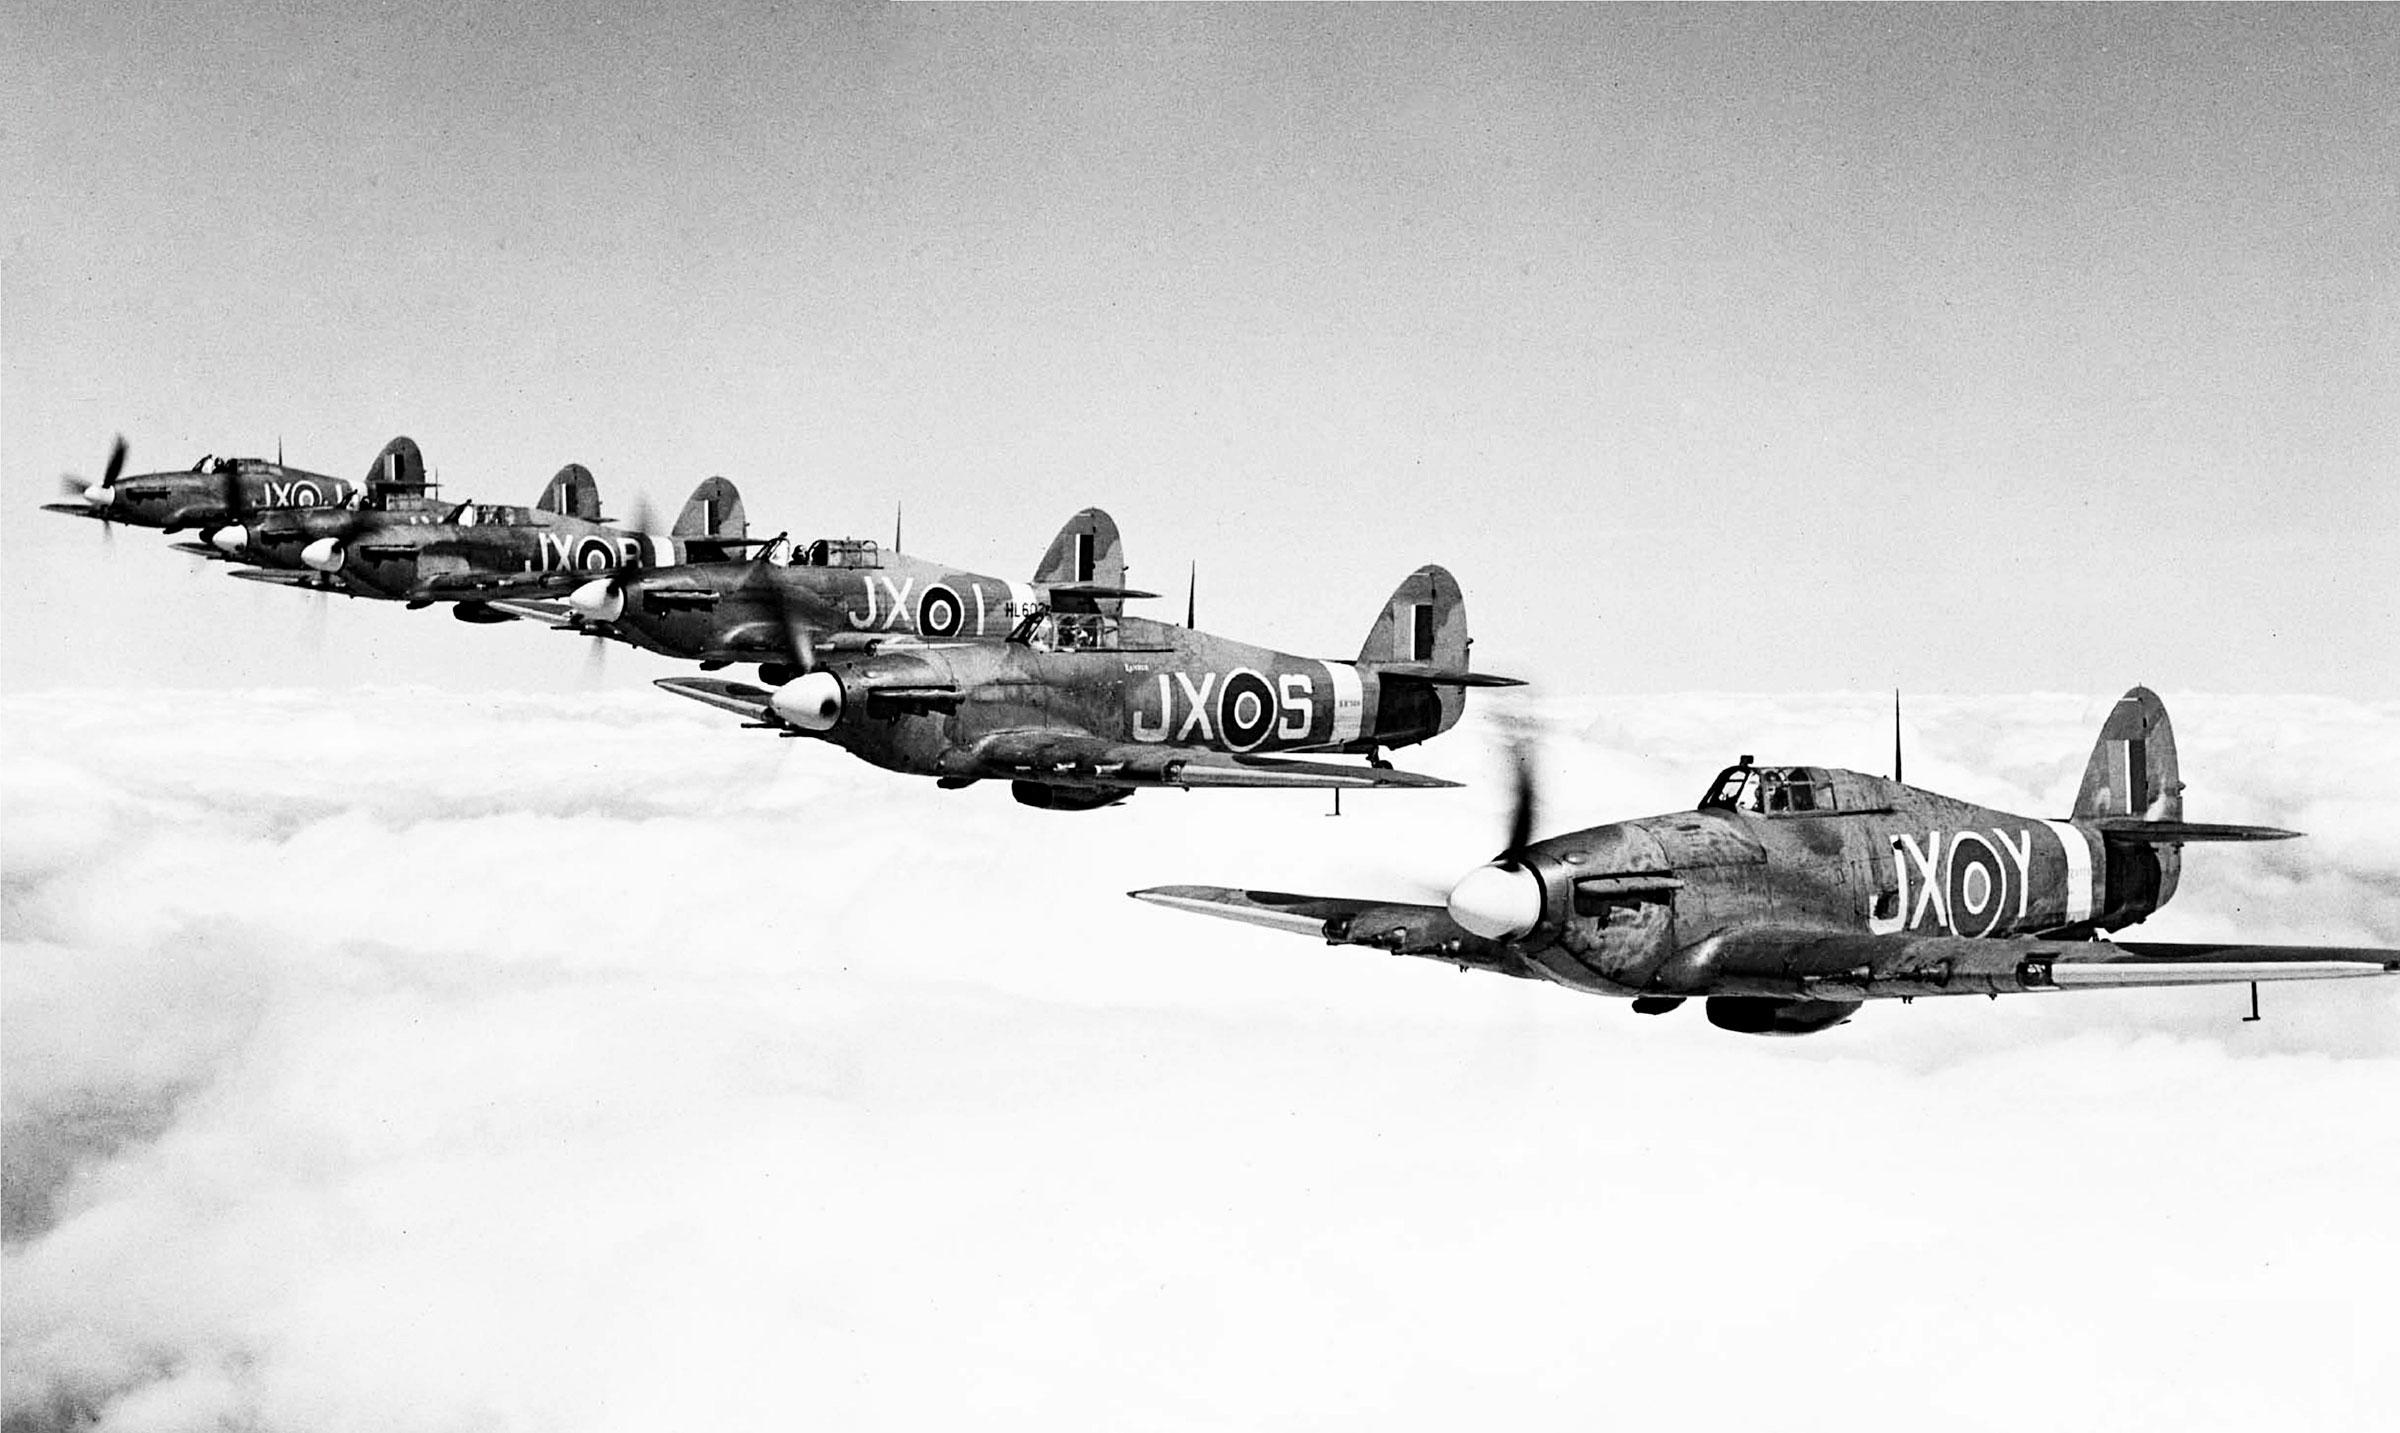 Hawker Hurricane II RAF 1 Squadron in formation 02